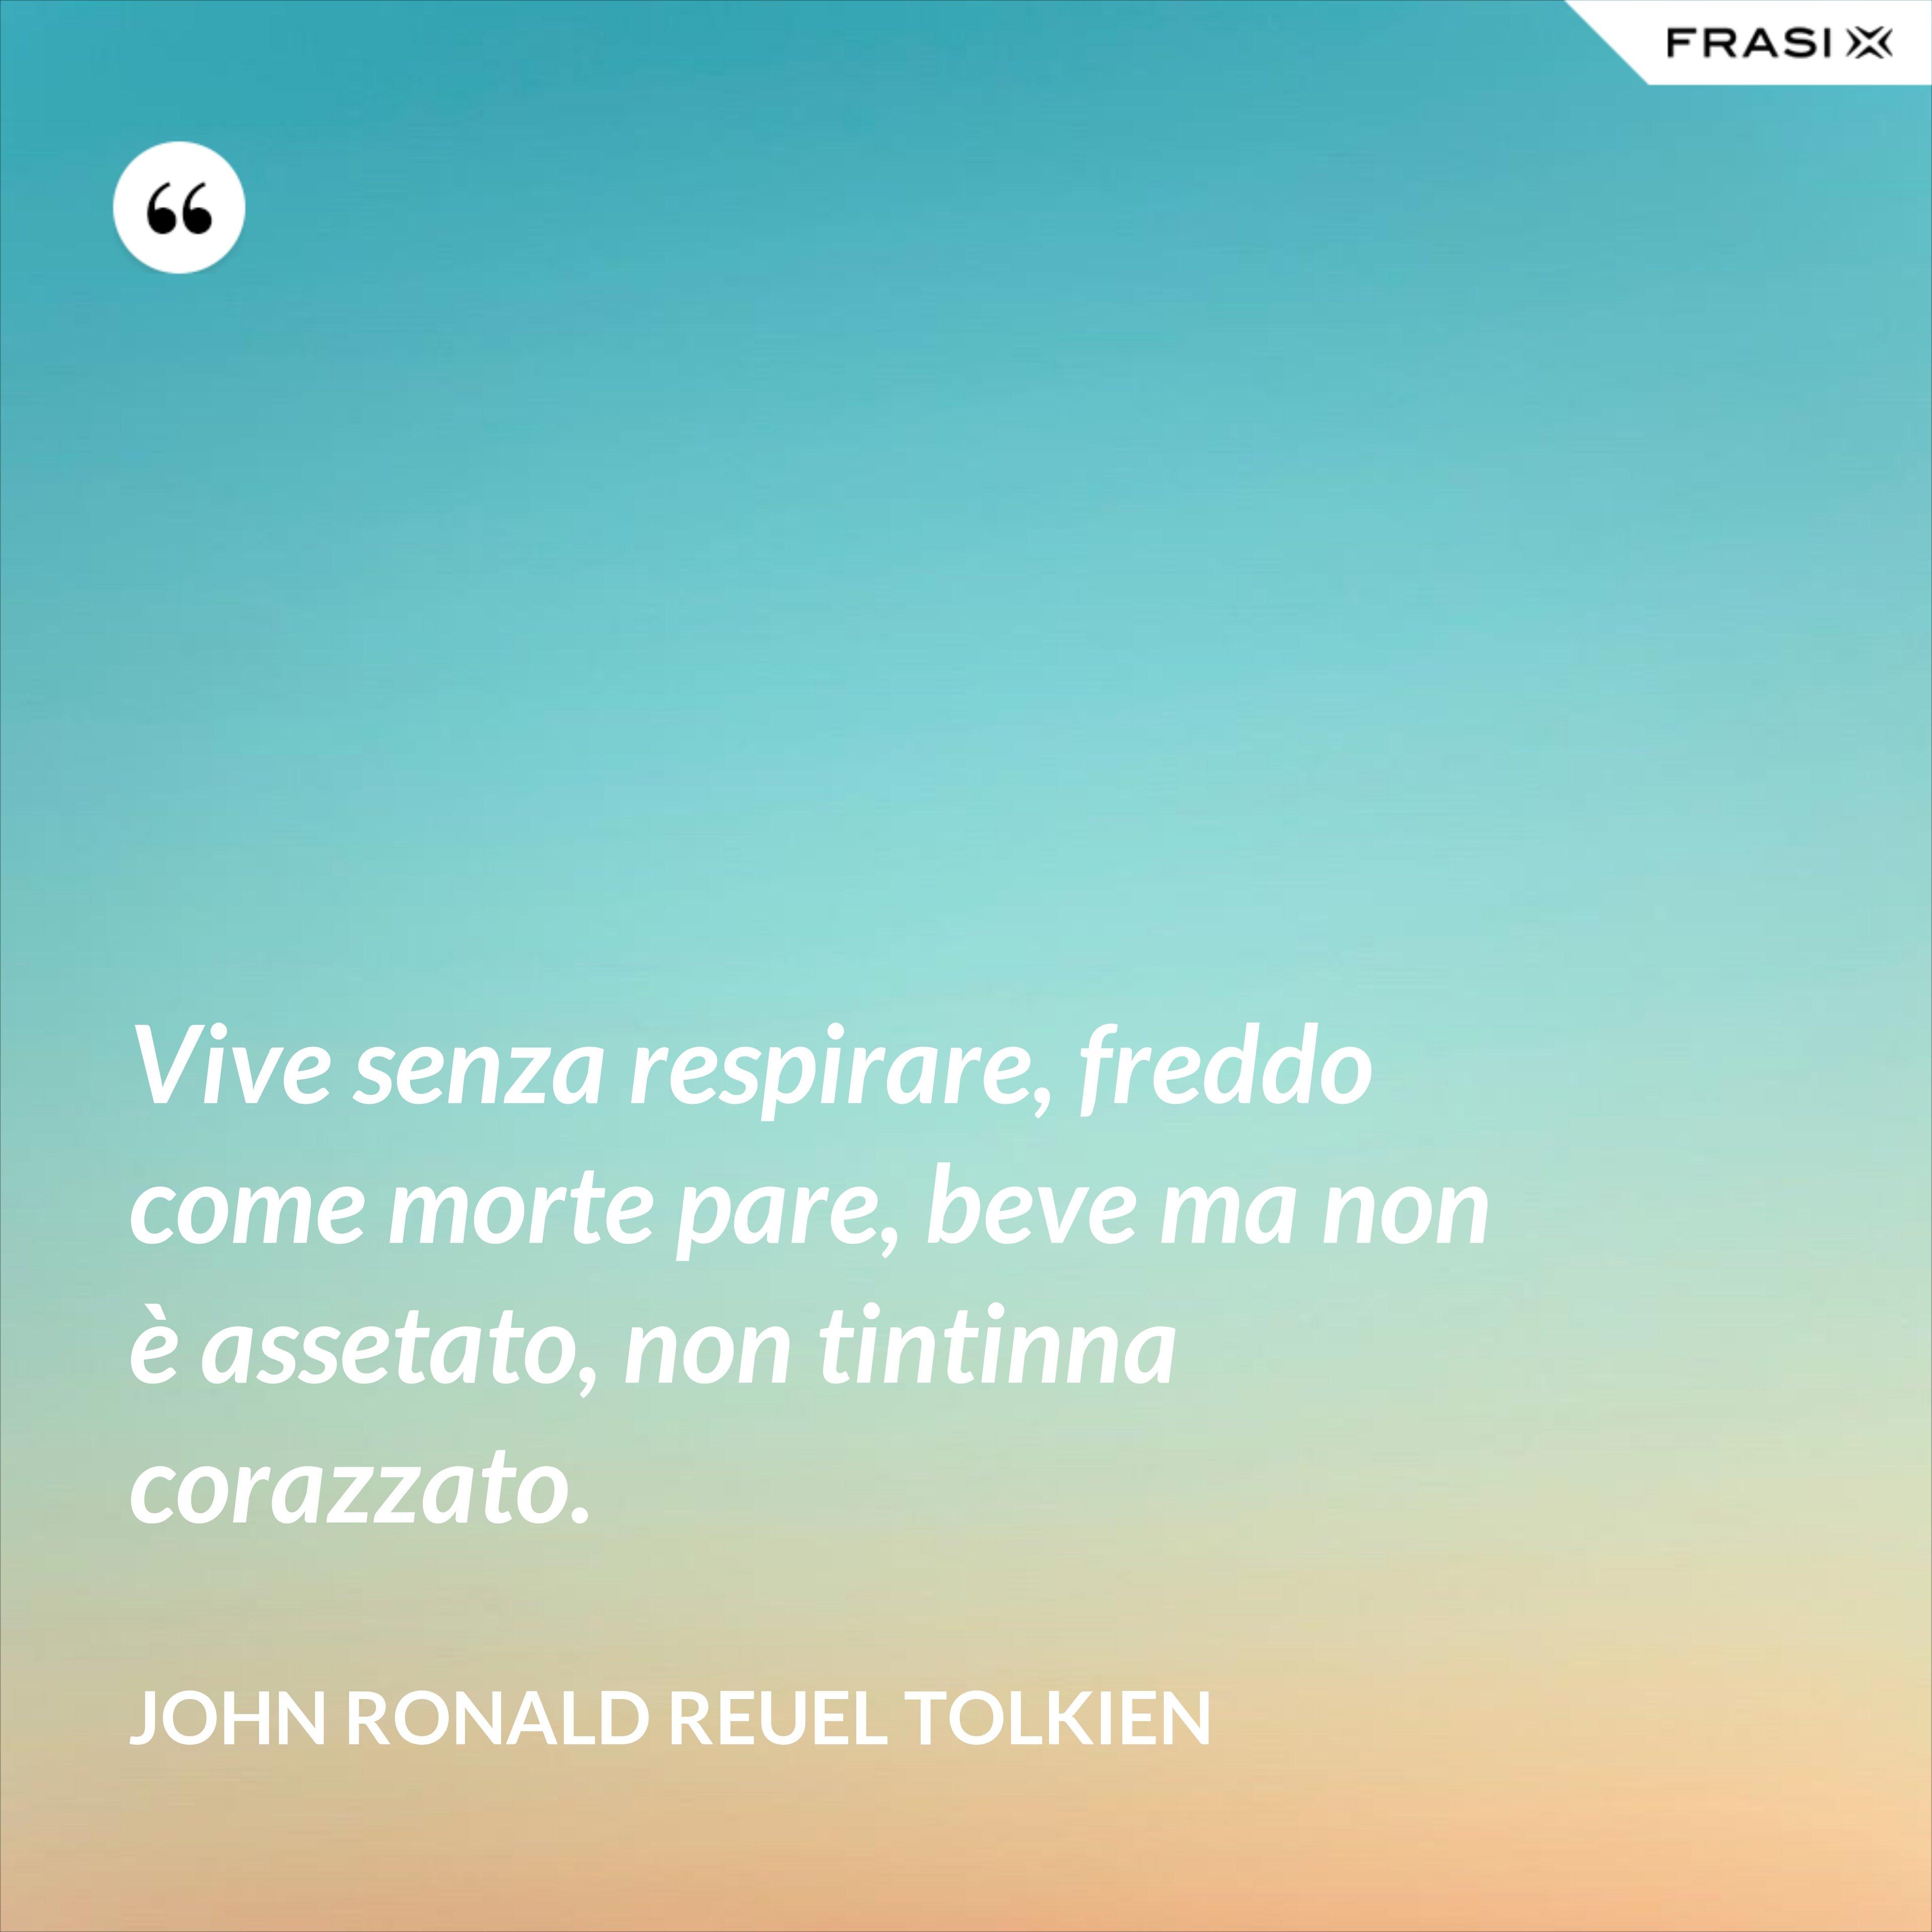 Vive senza respirare, freddo come morte pare, beve ma non è assetato, non tintinna corazzato. - John Ronald Reuel Tolkien